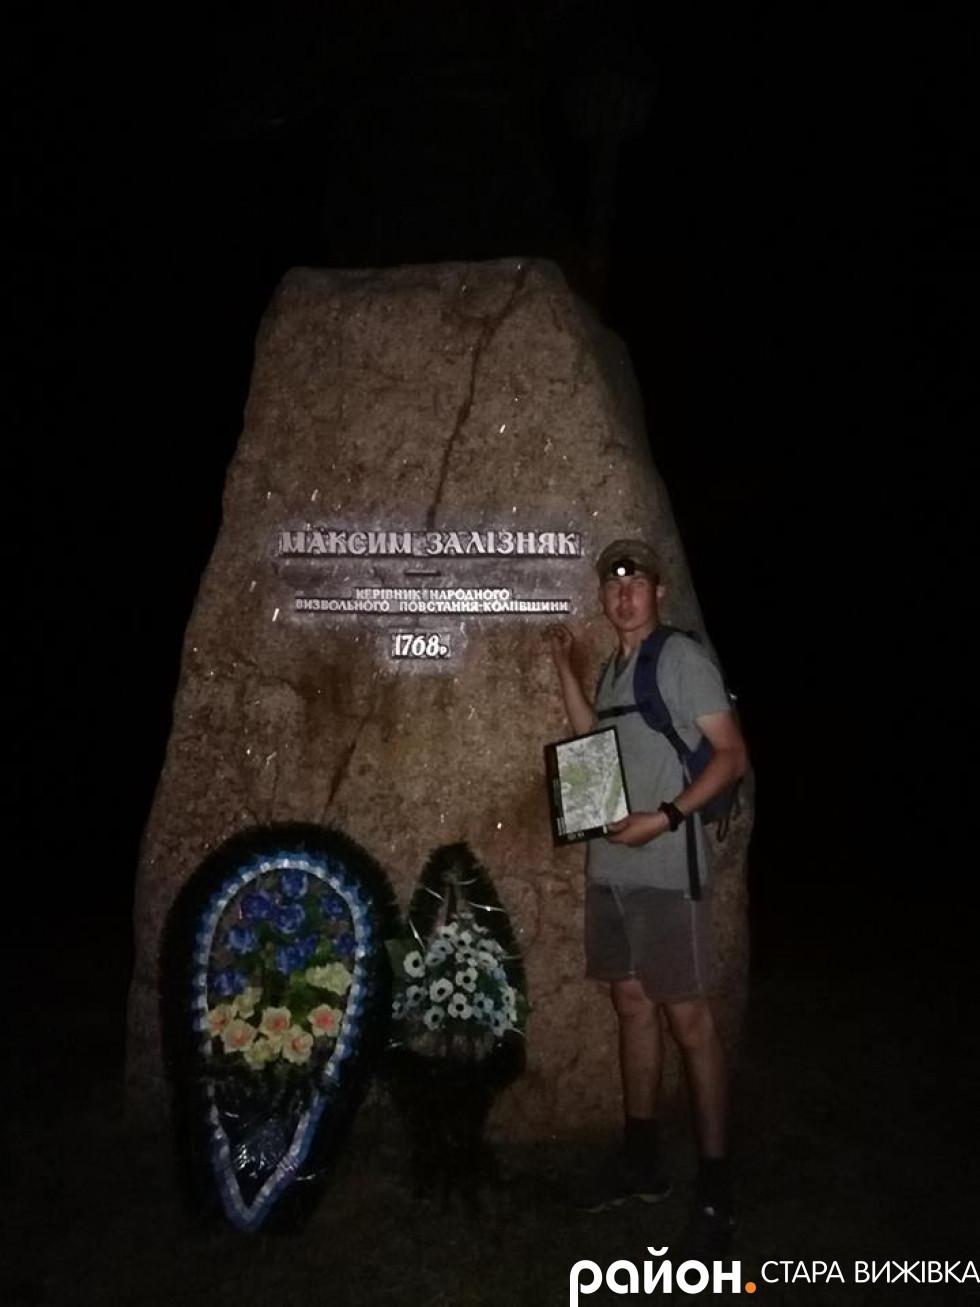 Біля пам'ятника Максиму Залізняку у Медведівці